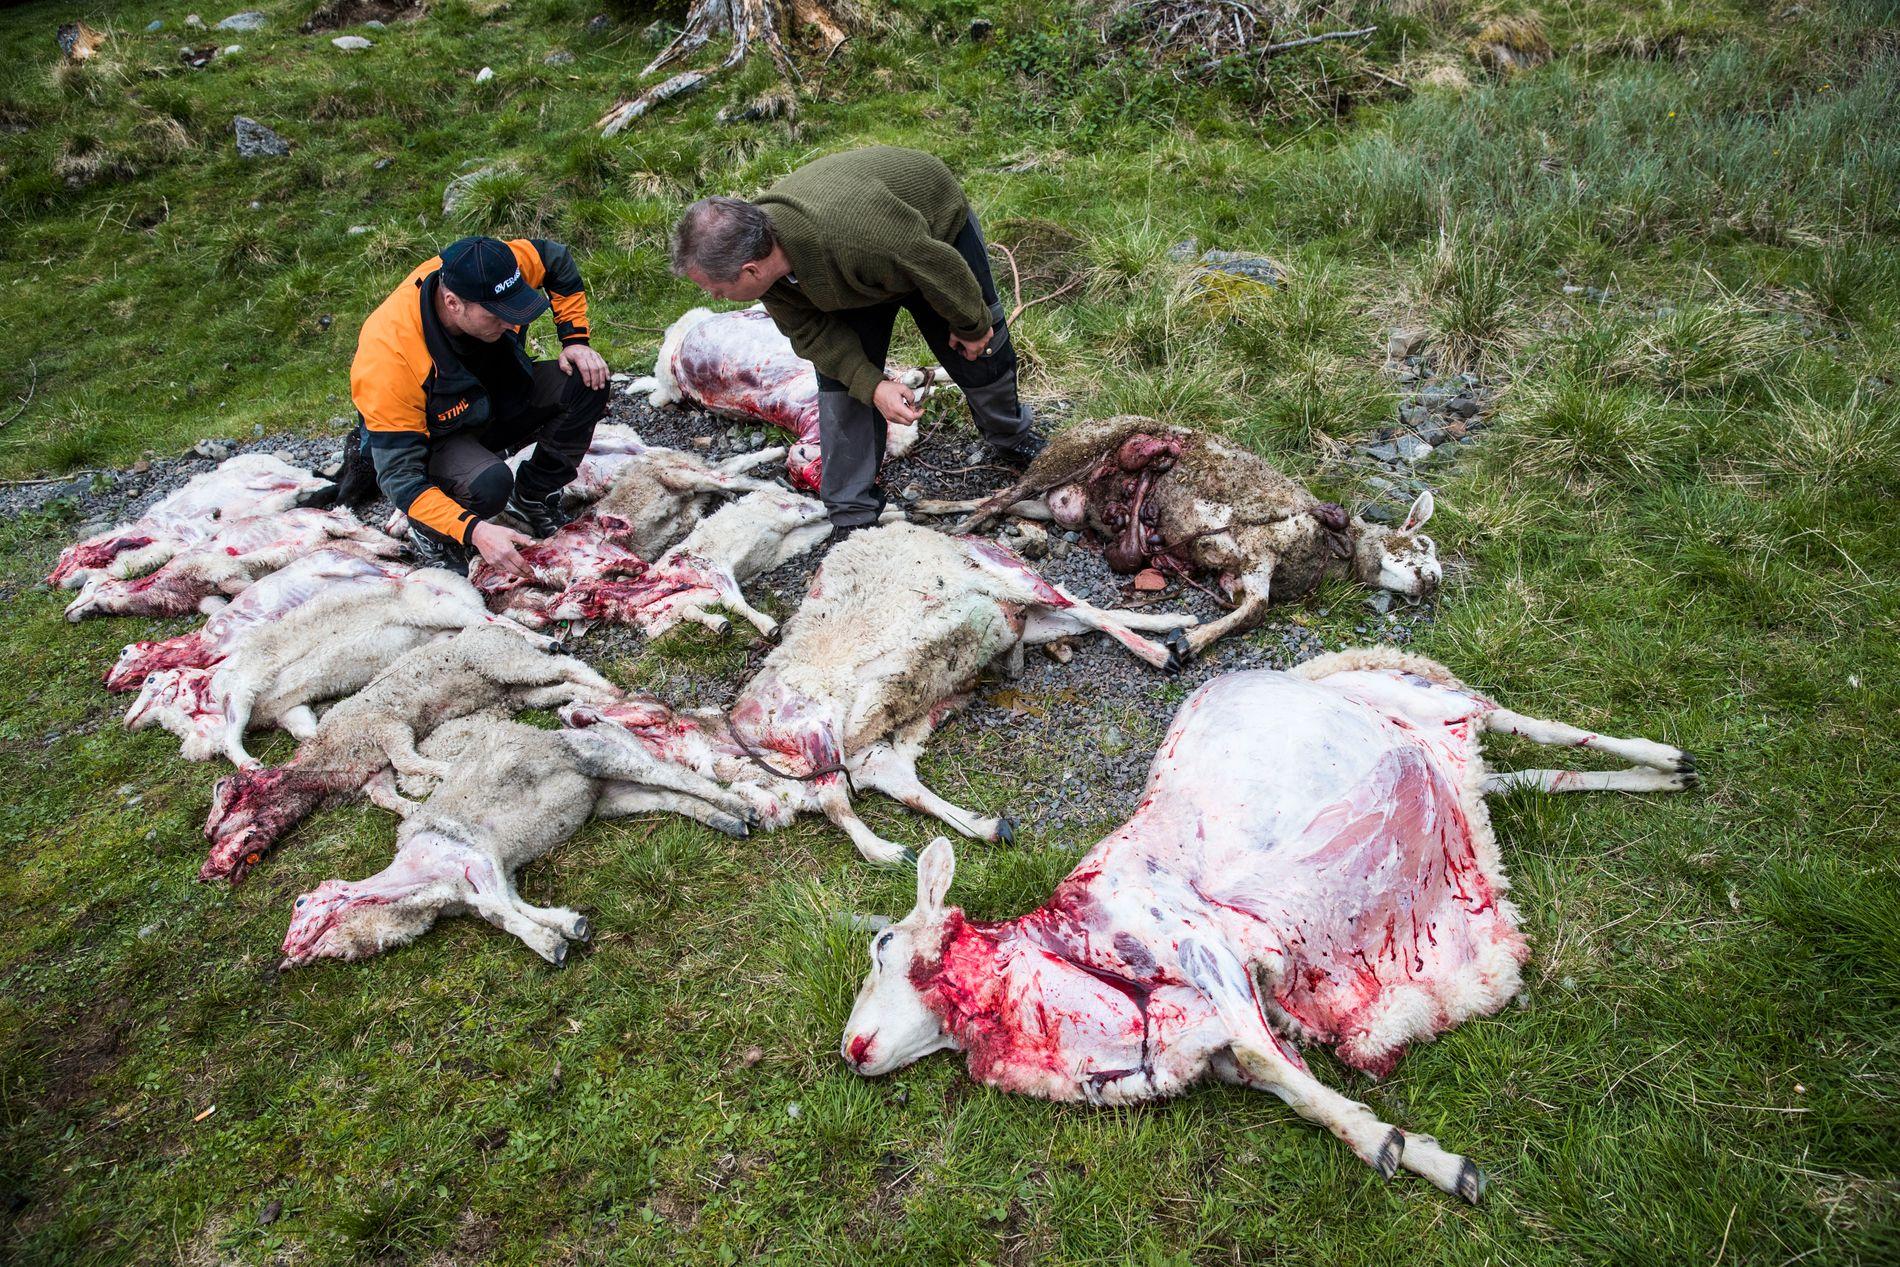 BEKJEMPER ULVEN MED NY METODE: Etter flere ulveangrep mot sau tillater Klima- og miljødepartementet bruk av spesialhunder for å få bukt med ulven.